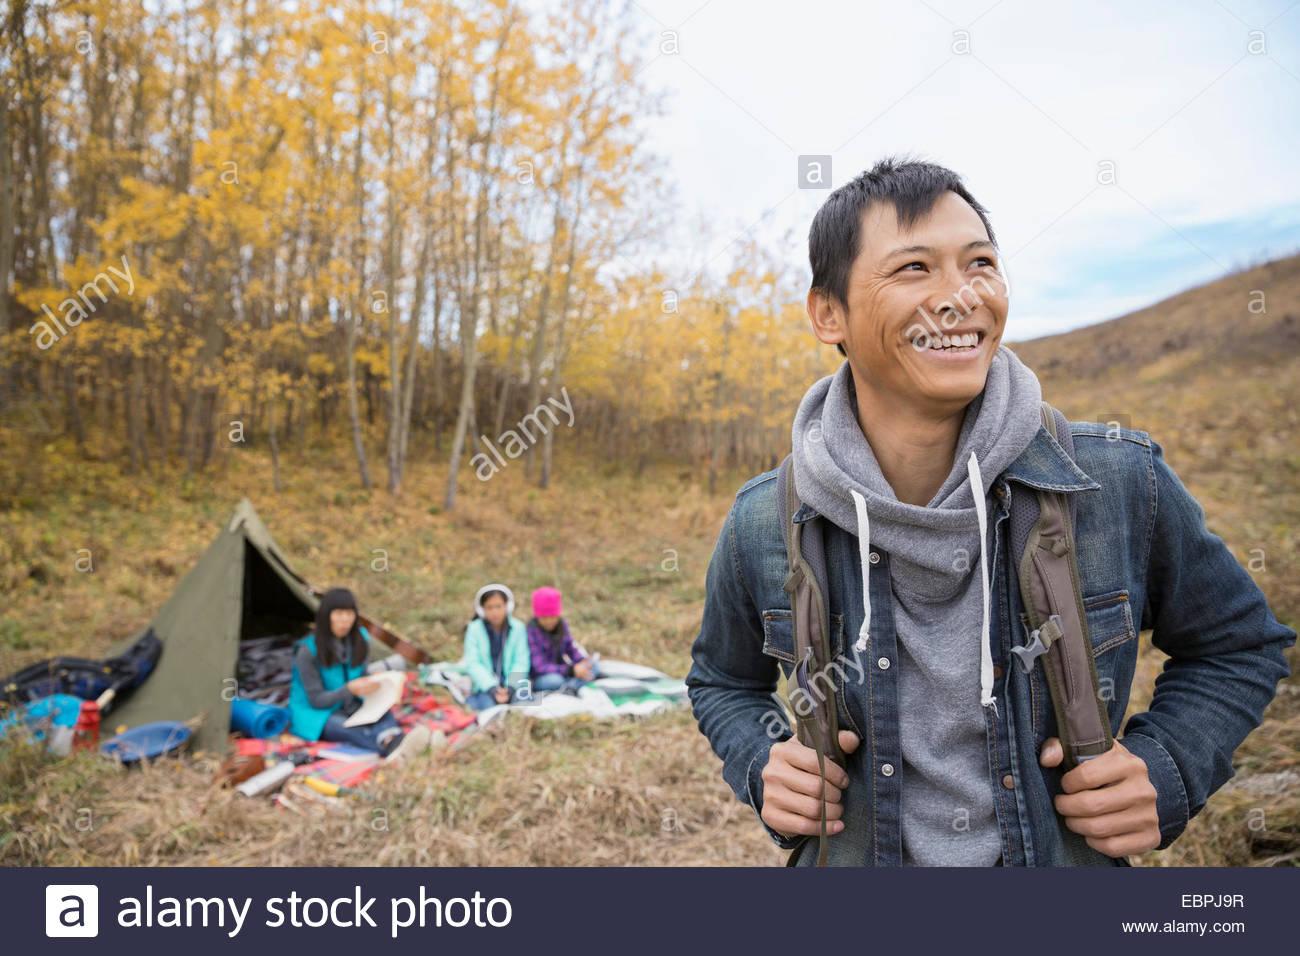 Hombre sonriente camping con la familia Imagen De Stock